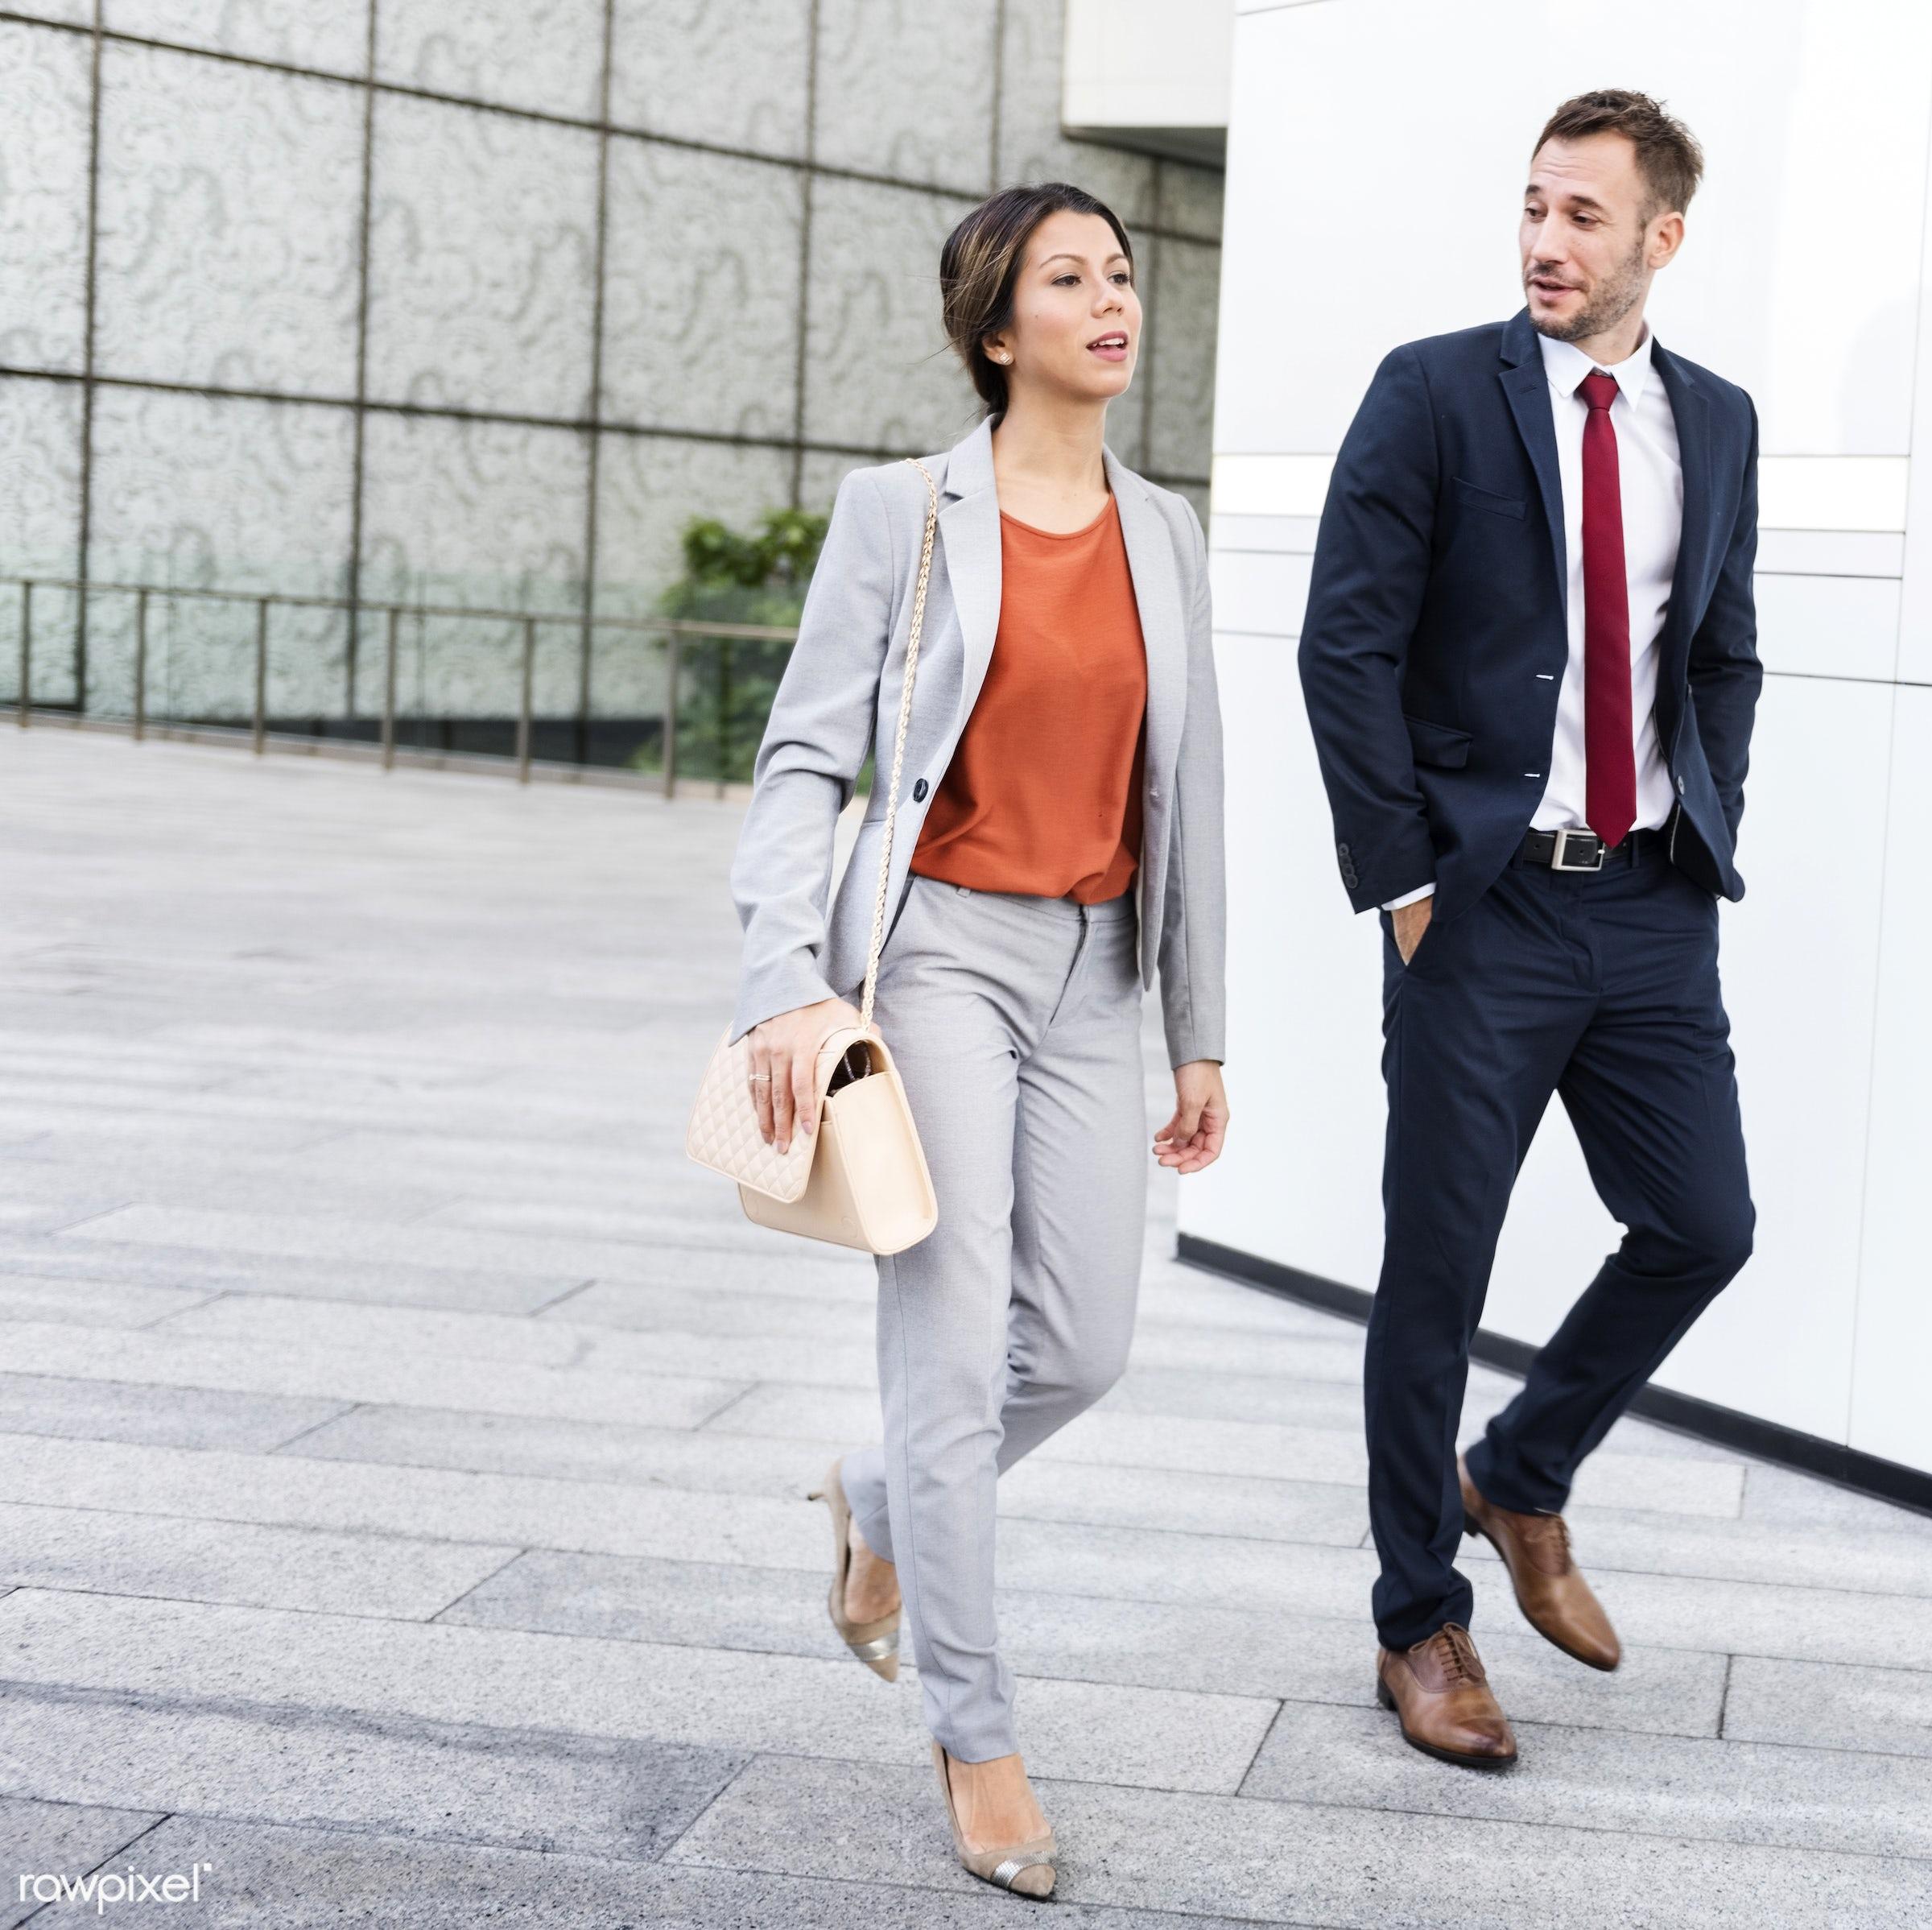 business, business people, businessman, businesswoman, city, city life, colleague, communication, community, commuter,...